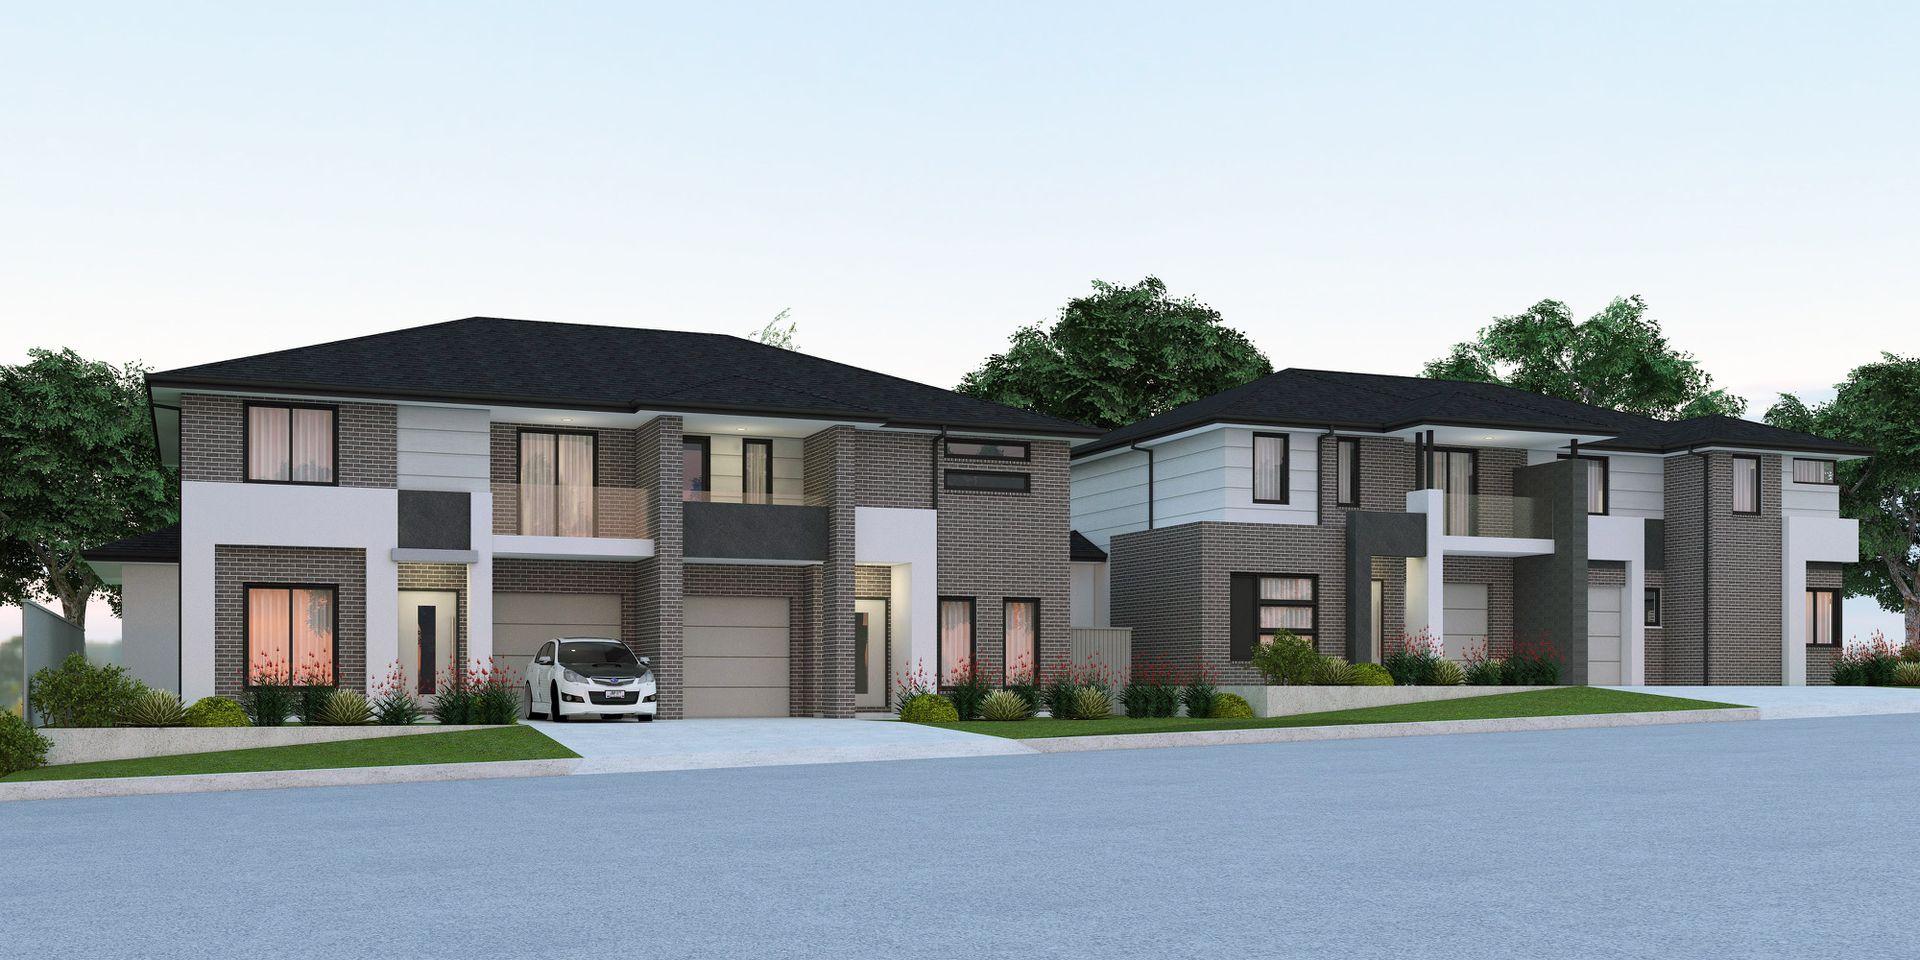 4/80 Oramzi rd, Girraween NSW 2145, Image 1